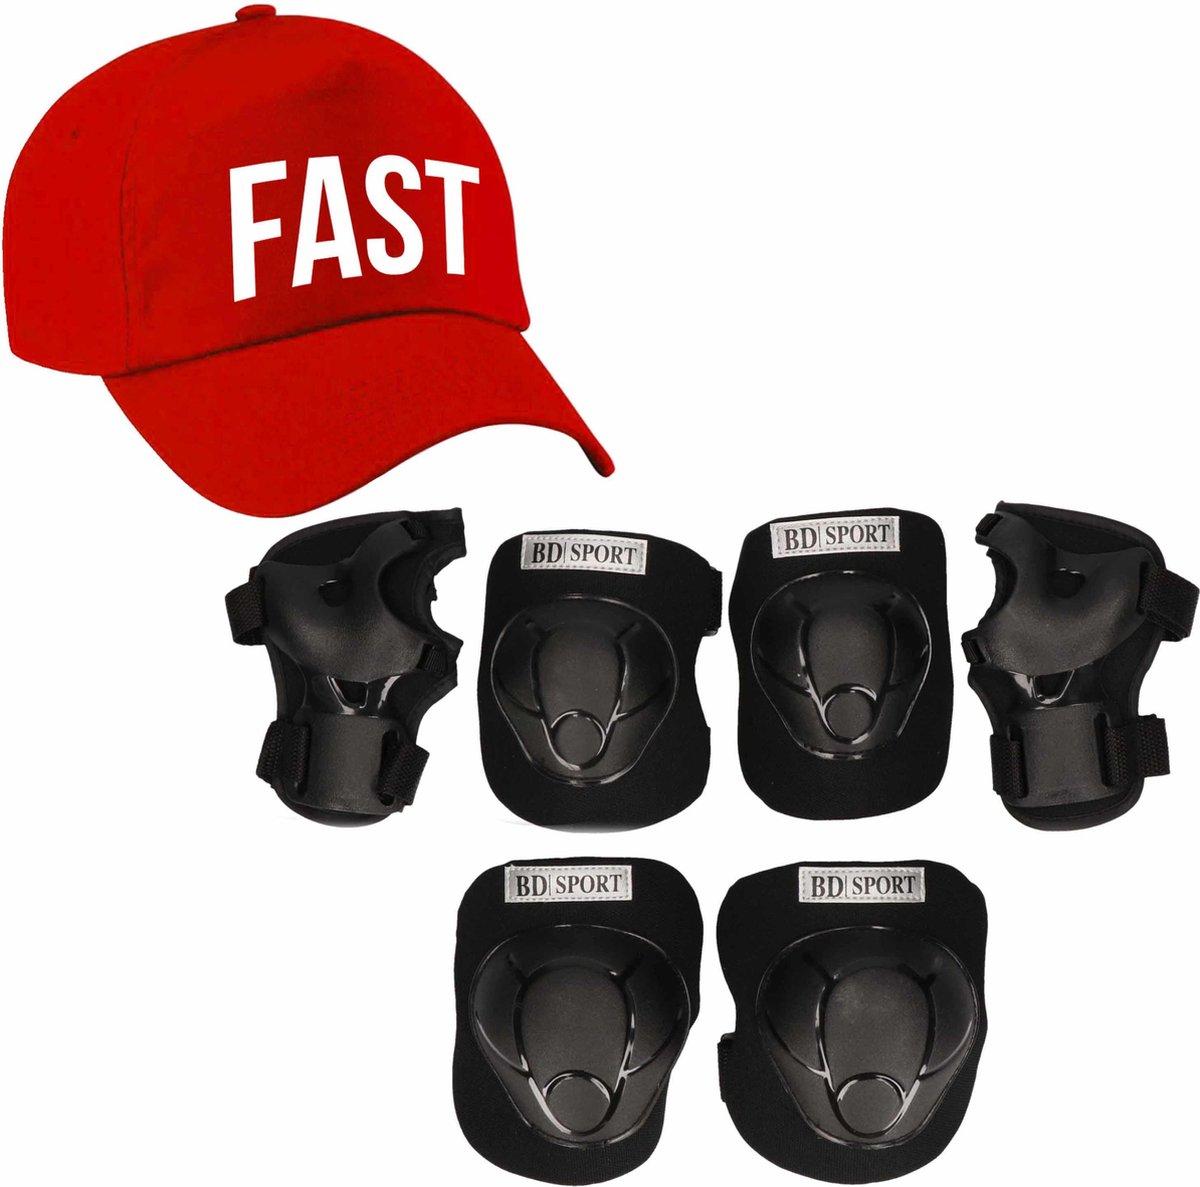 Set van valbescherming voor kinderen maat S / 4 tot 5 jaar met een stoere FAST pet rood